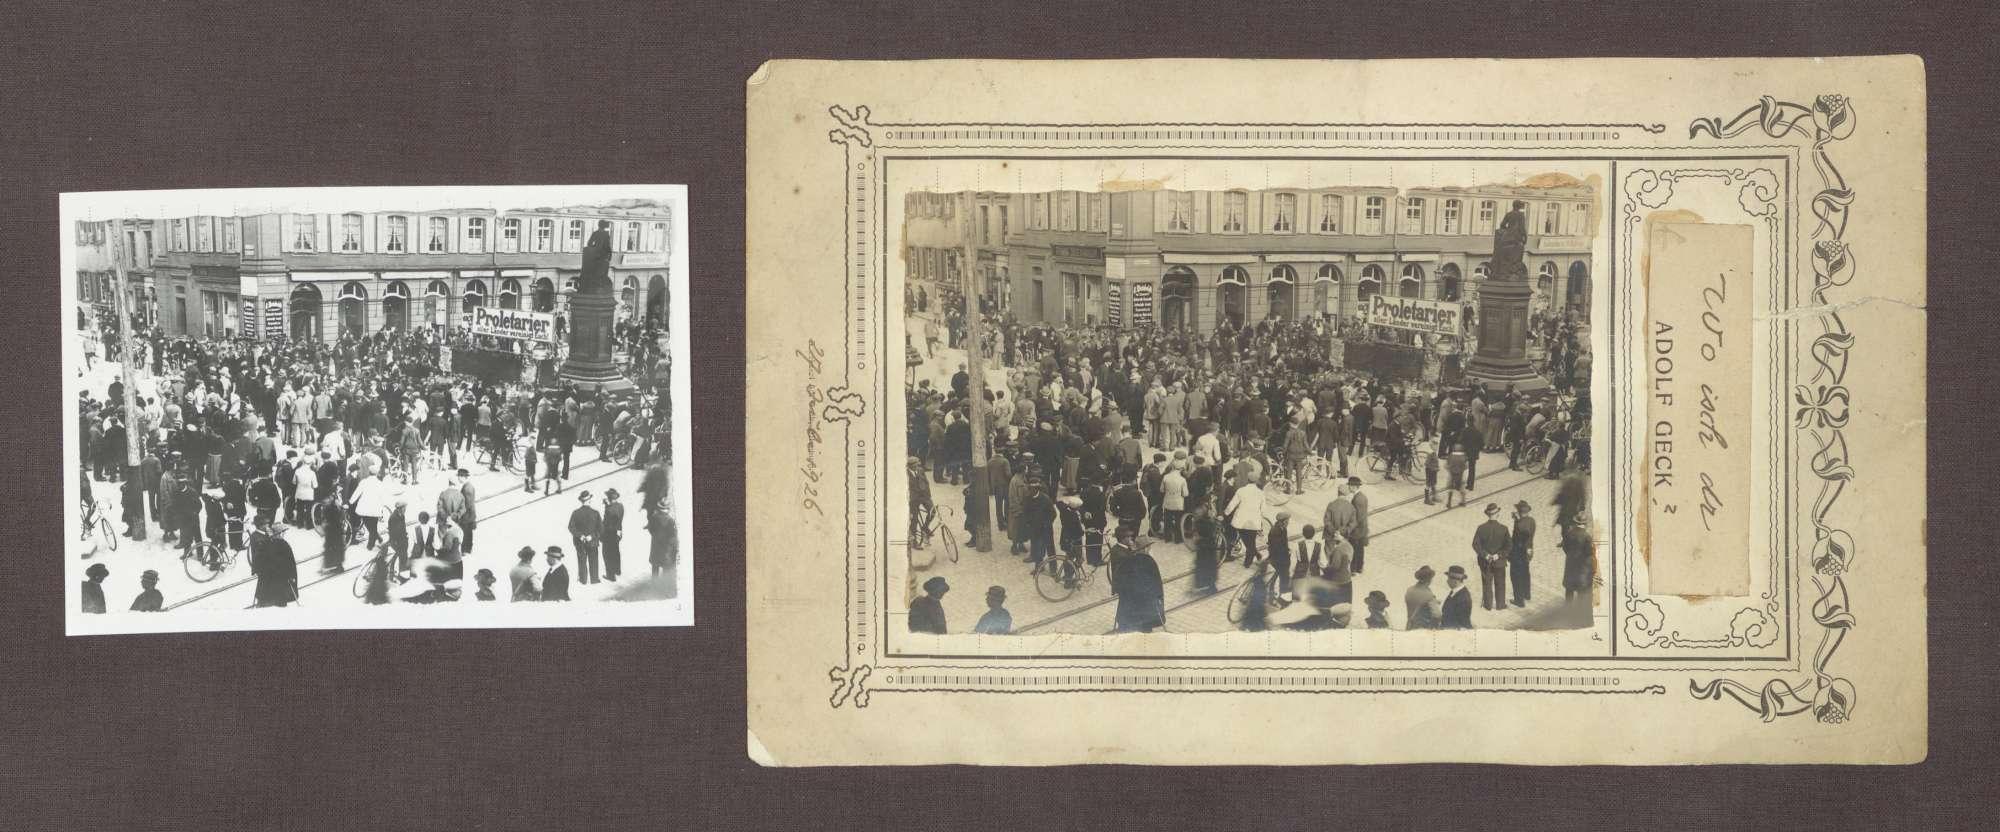 """Volksversammlung am 27. Juli 1926 auf der Hauptstraße in Offenburg: """"Proletarier aller Länder vereinigt Euch"""", Bild 1"""